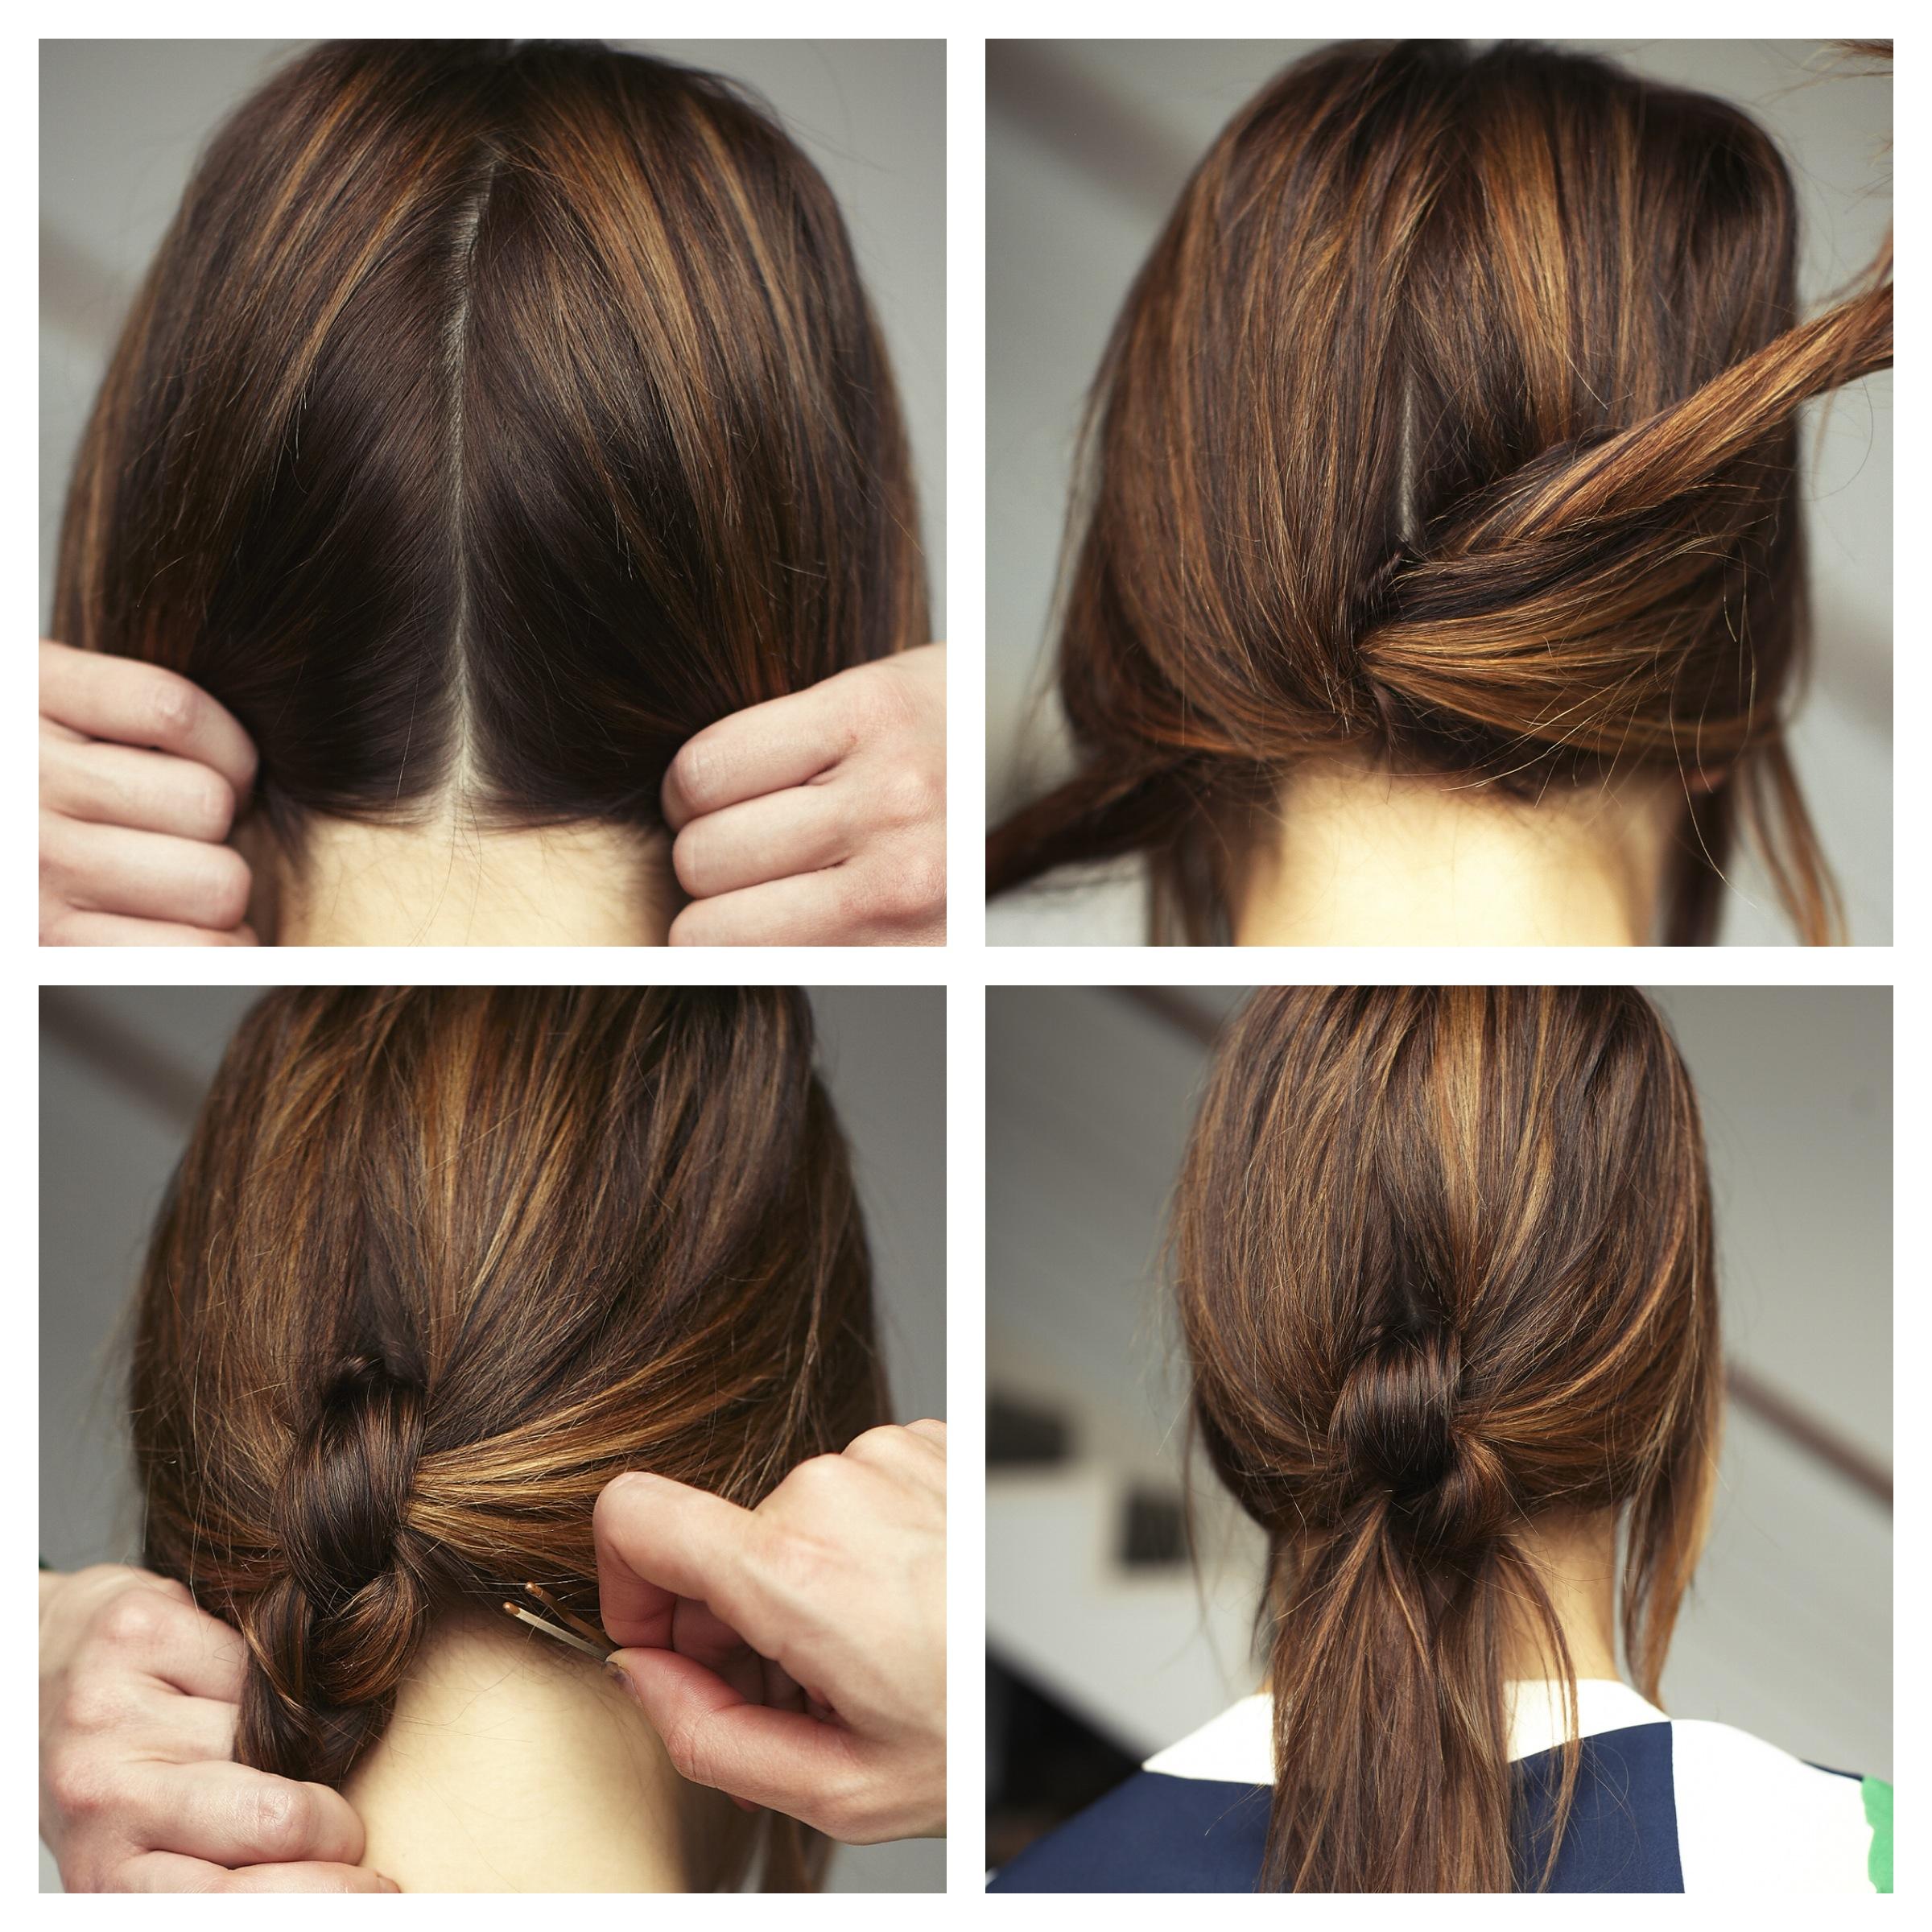 penteados chics para tentar agora mesmo